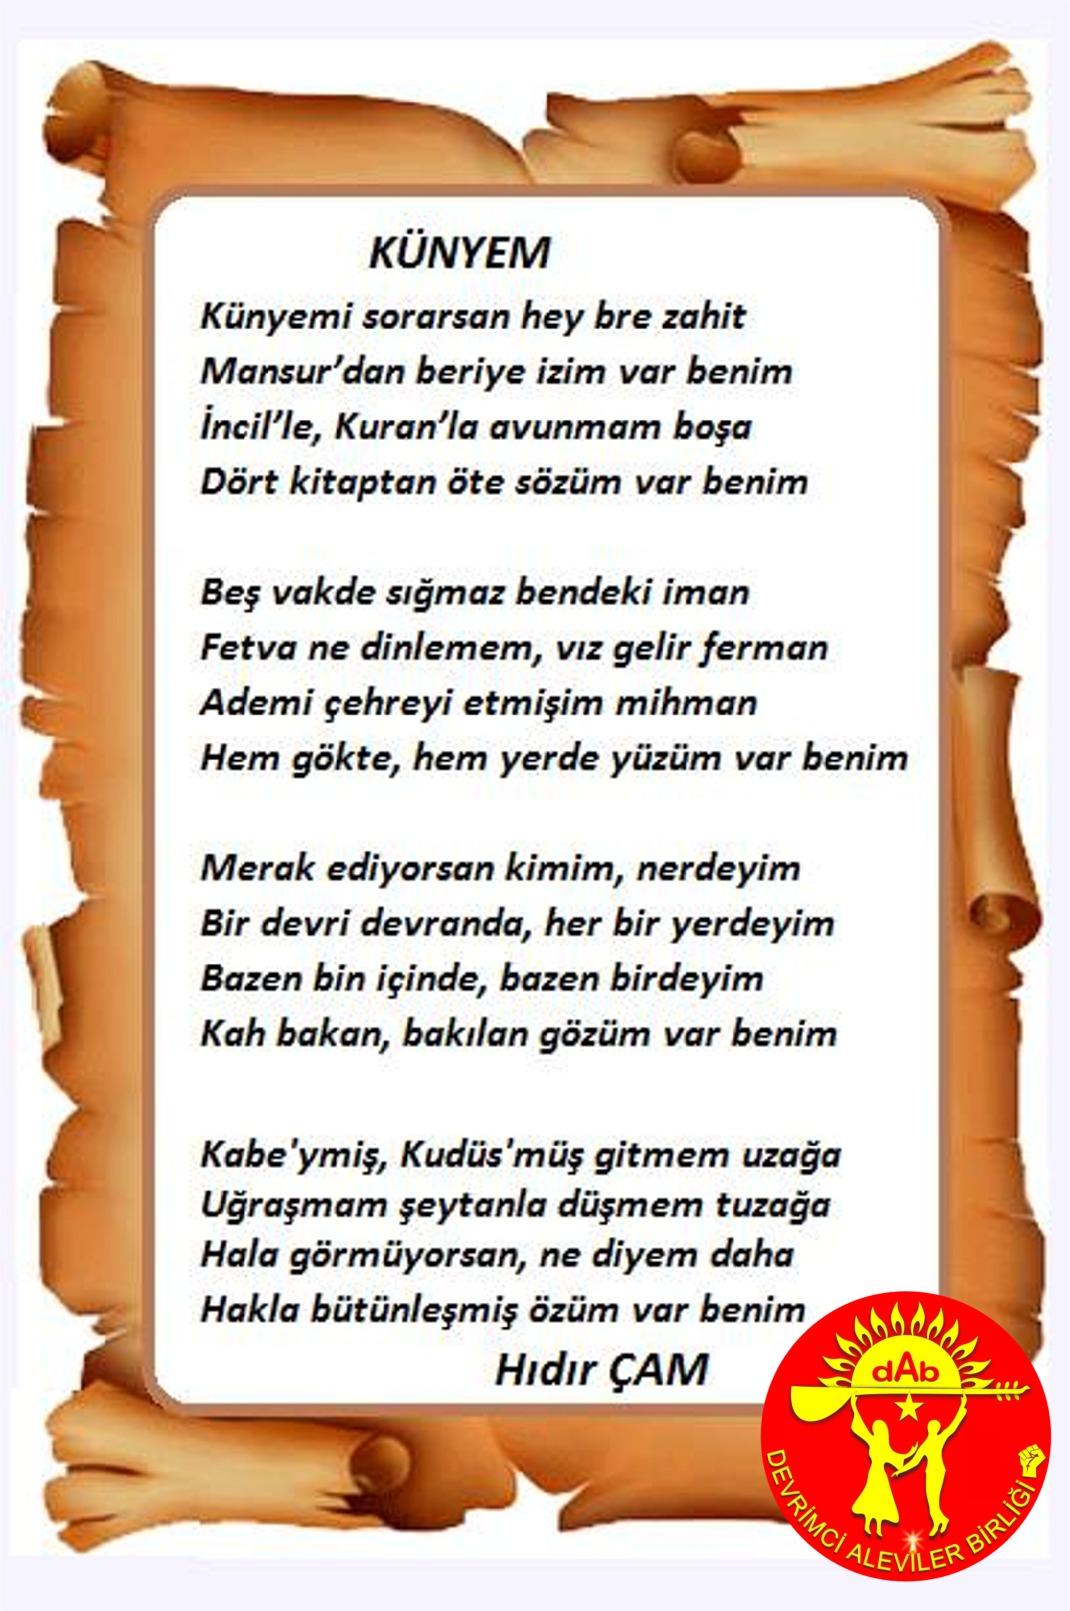 Alevi Bektaşi Kızılbaş Pir Sultan Devrimci Aleviler Birliği DAB künye